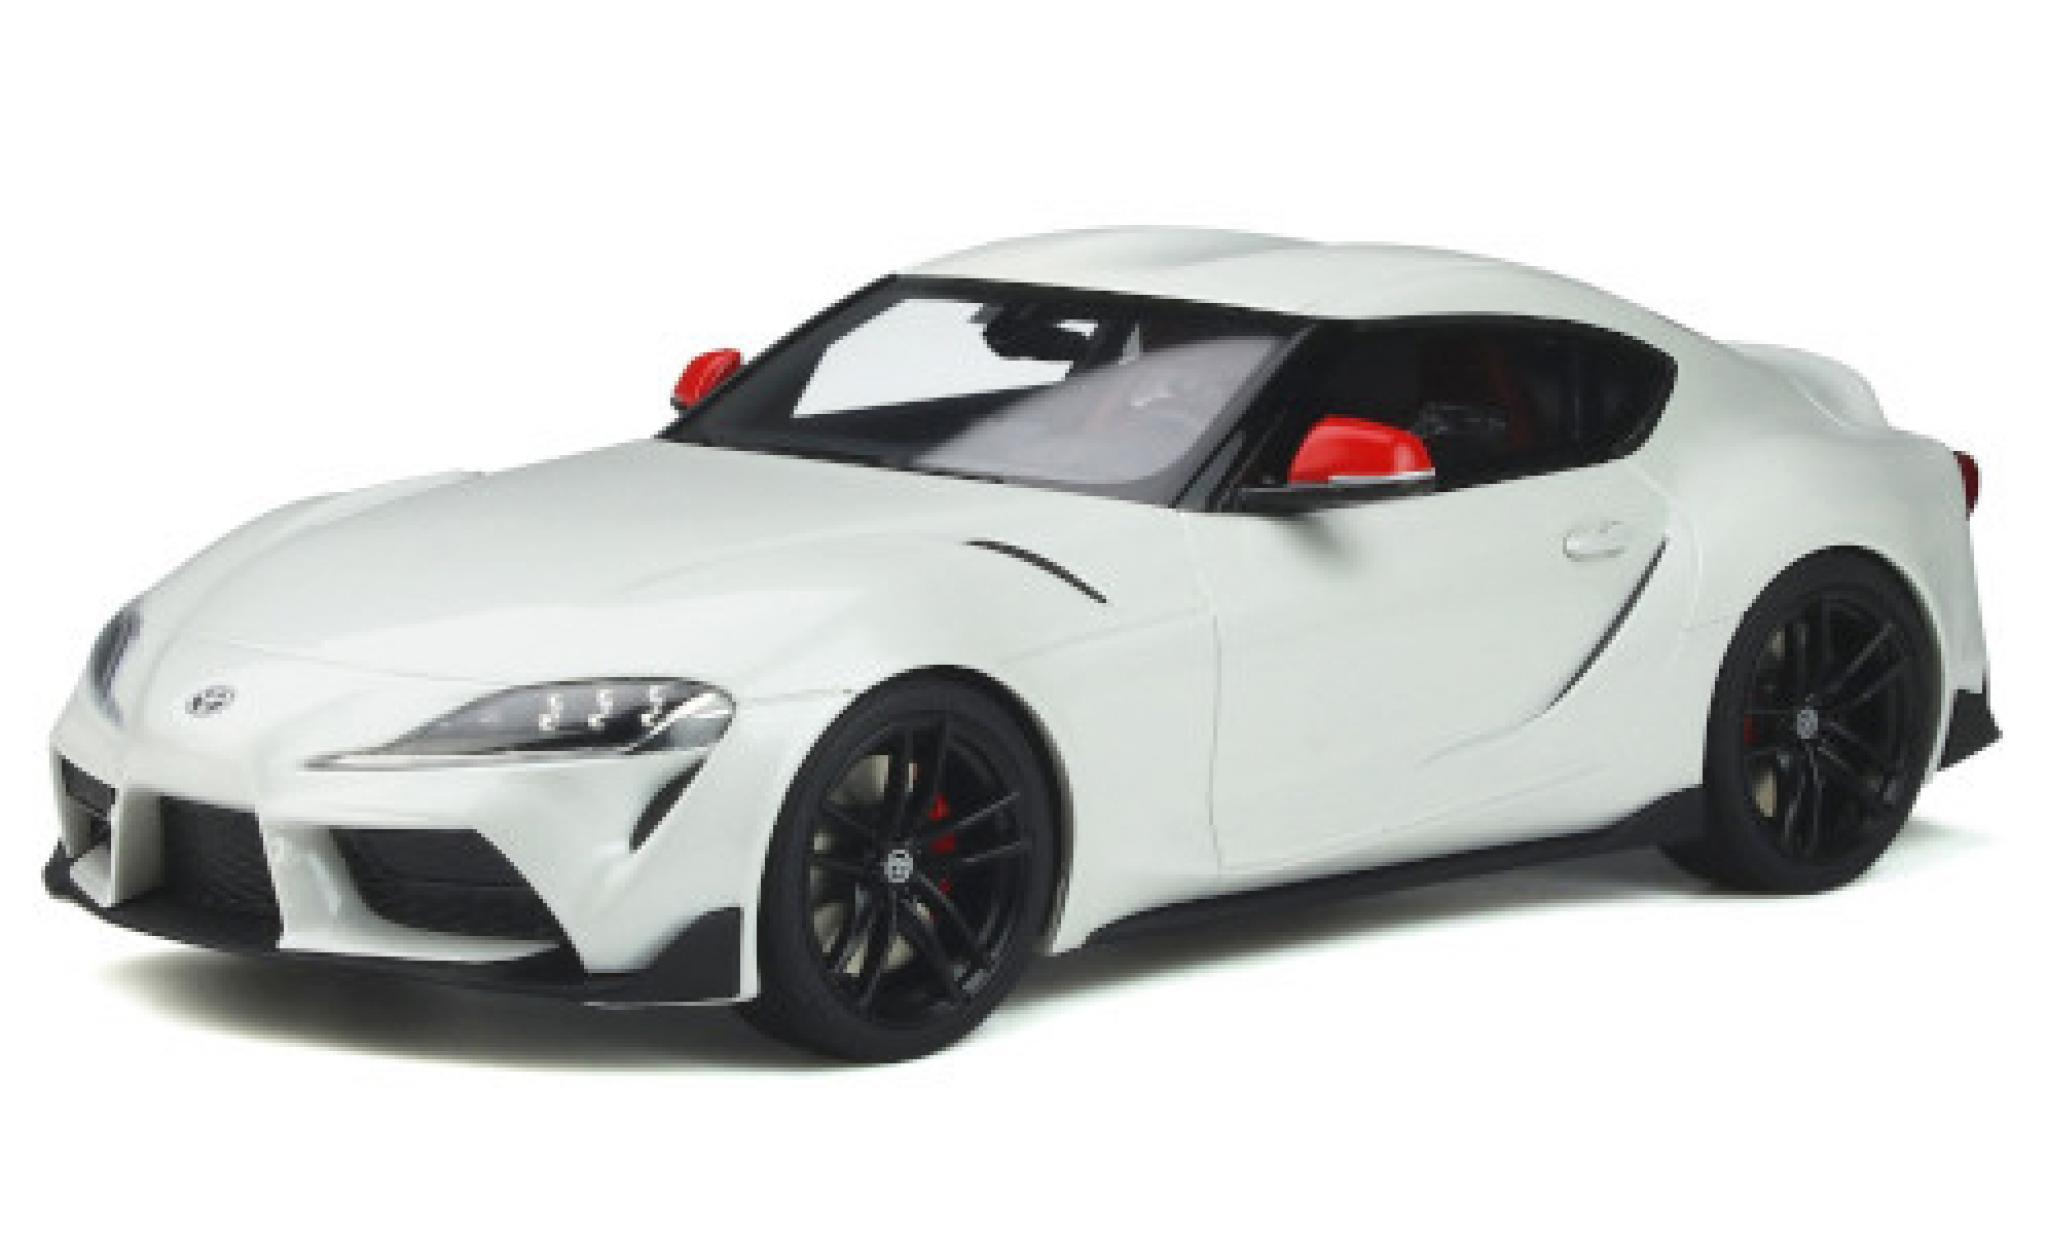 Toyota Supra 1/18 GT Spirit GR Fuji Speedway Edition white 2020